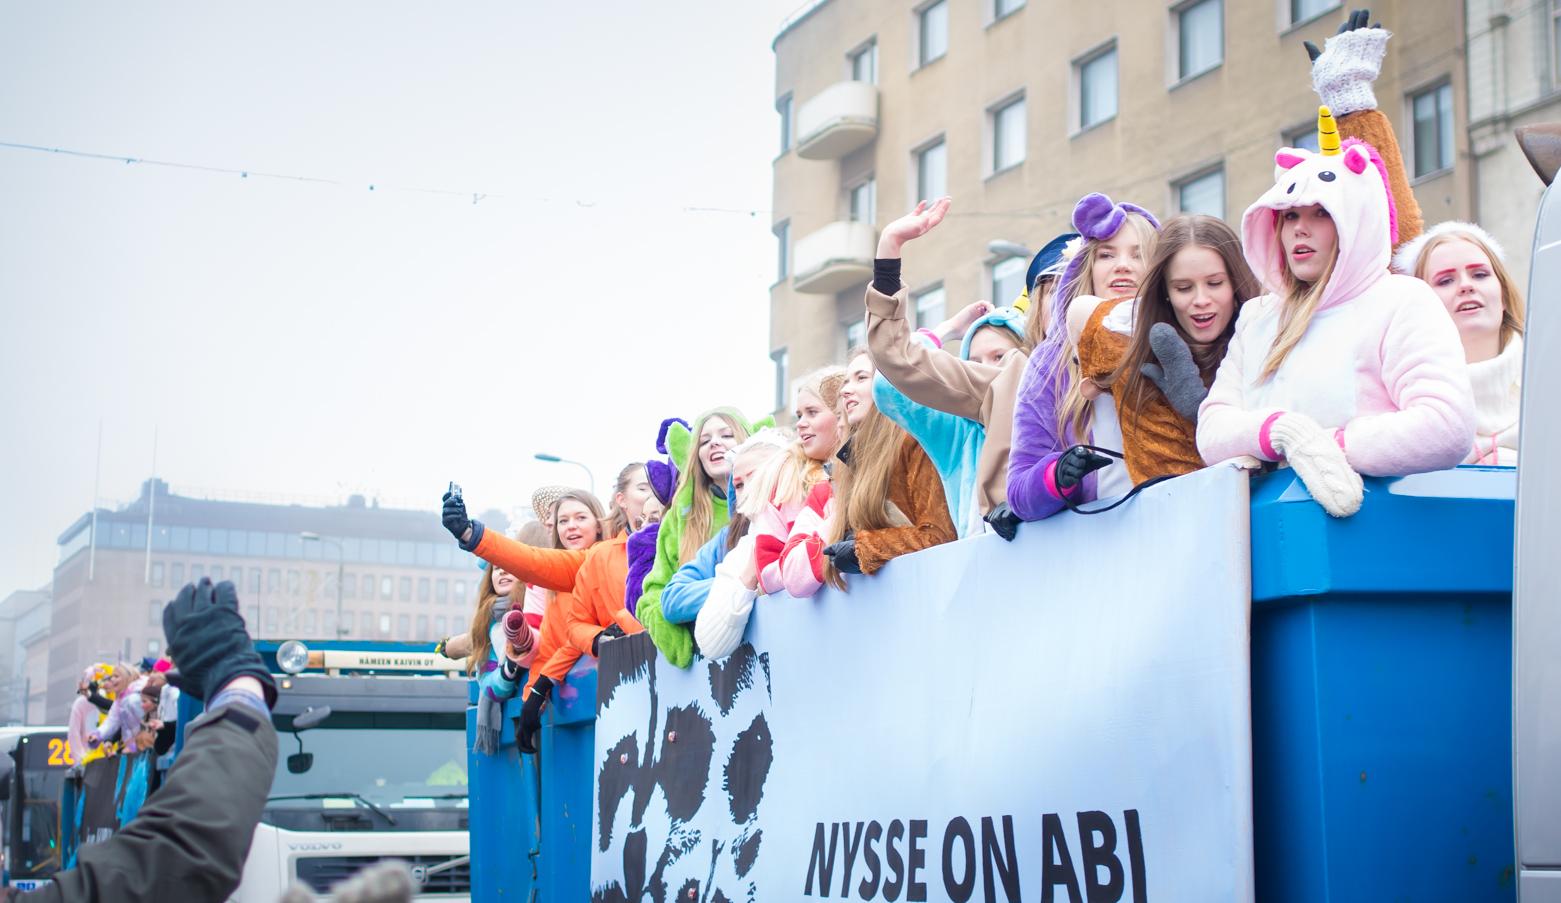 芬兰高中派对:先冬季狂欢,后复习迎考 - 这就是芬兰